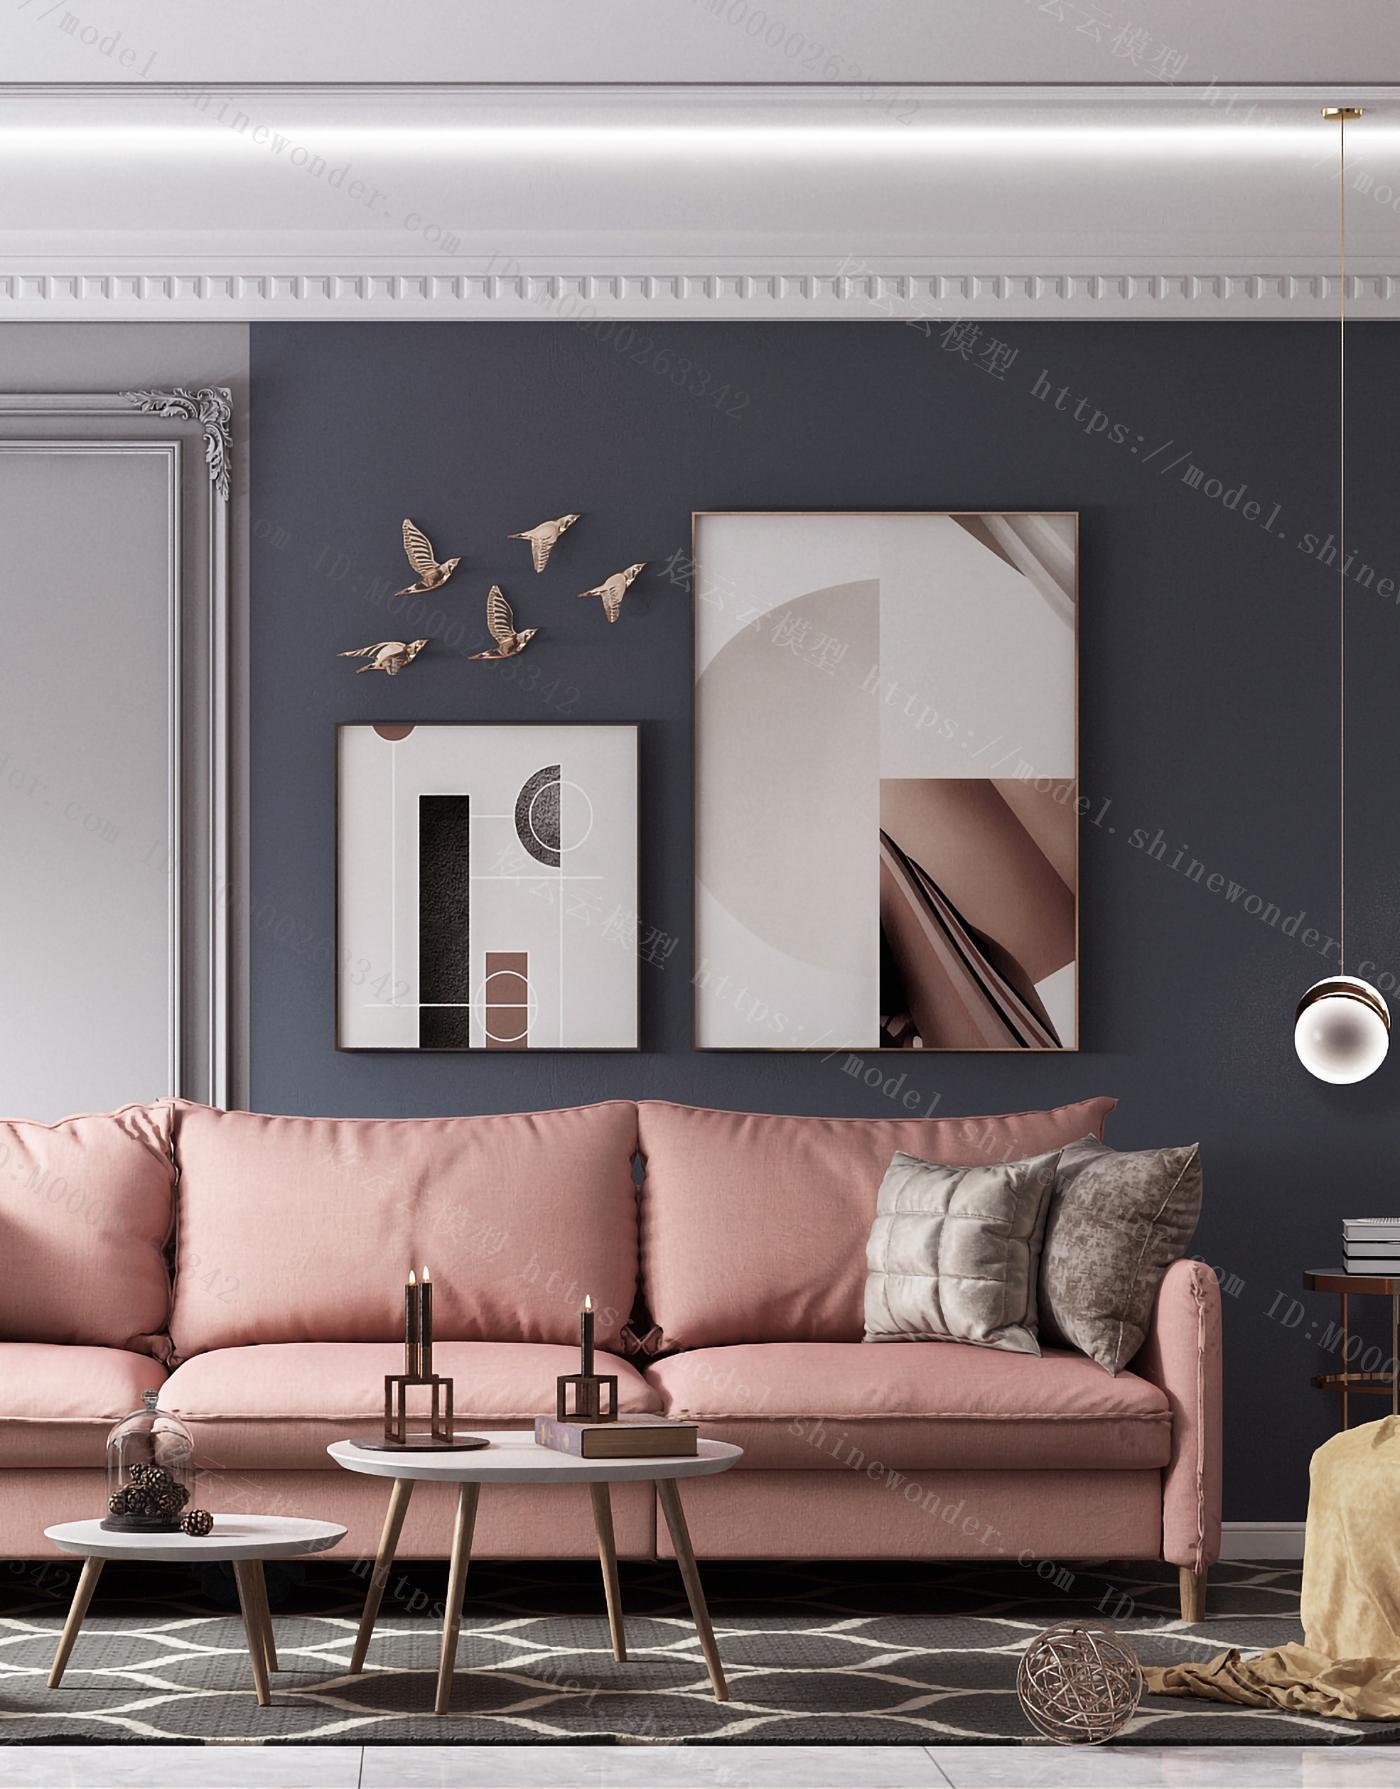 现代轻奢客厅 沙发茶几 书柜装饰柜 电视模型